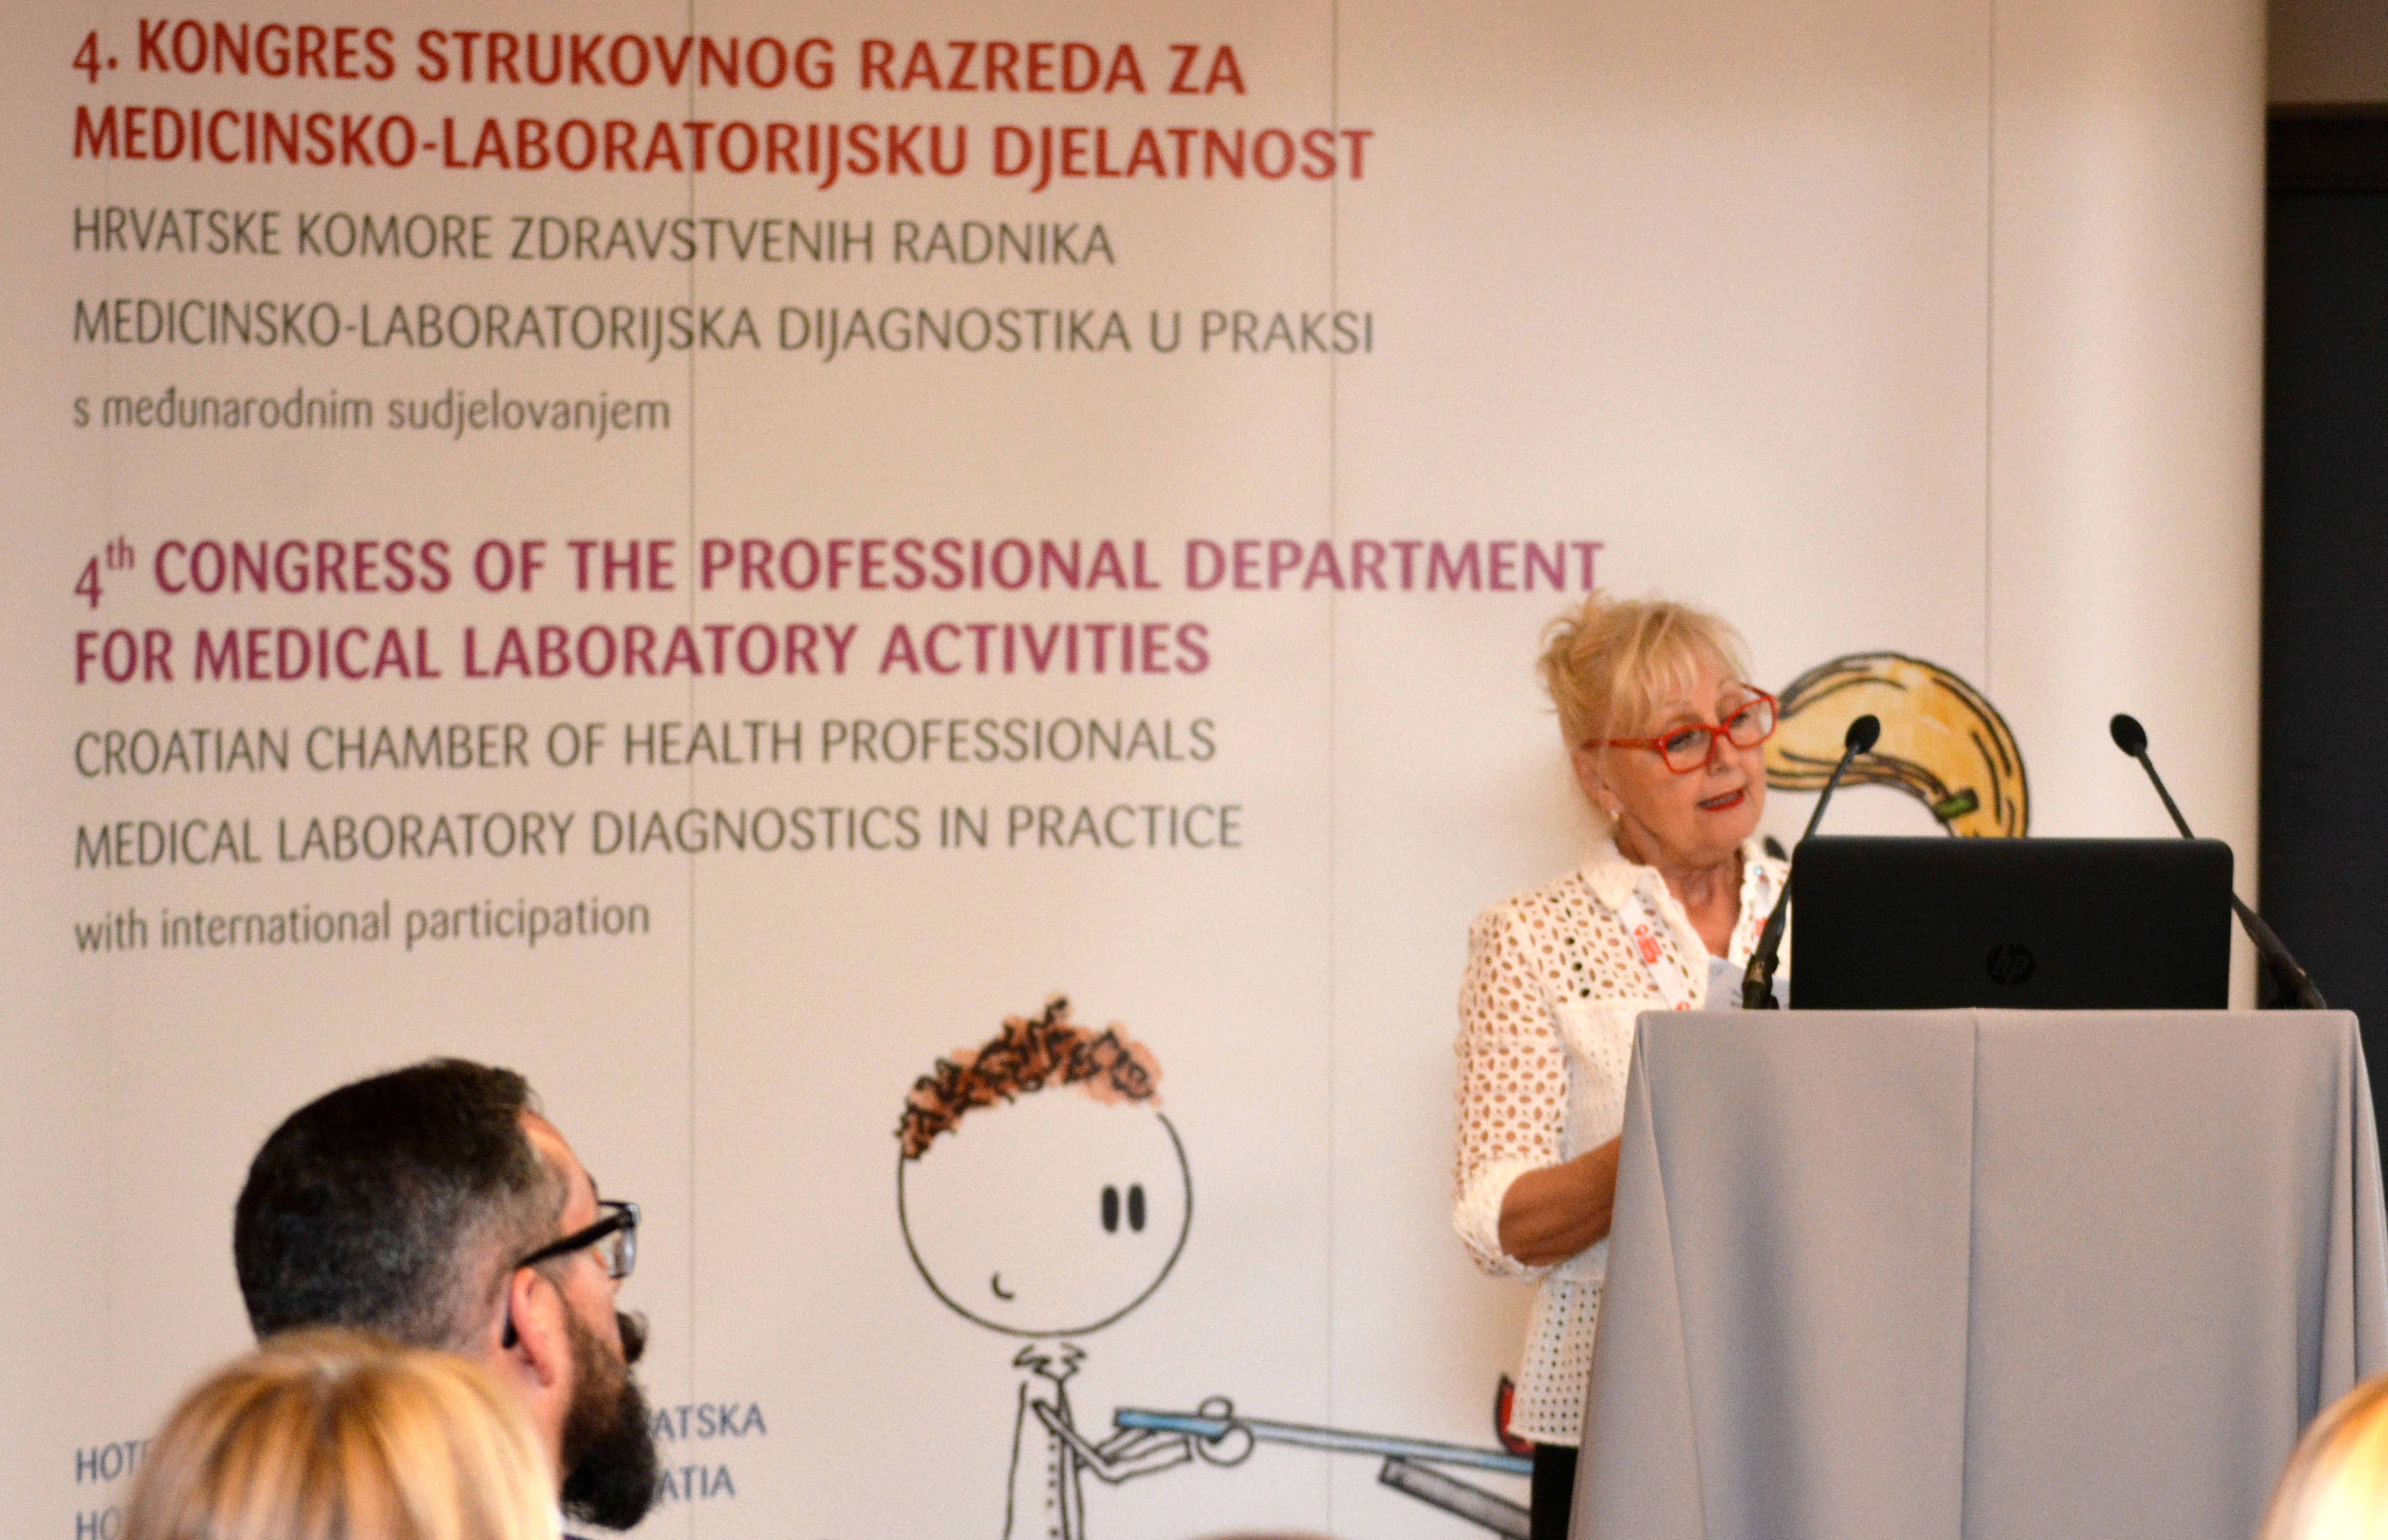 Svečano otvoren 4. kongres Hrvatske komore zdravstvenih radnika – strukovnog razreda za medicinsko-laboratorijsku djelatnost / 300 foto!